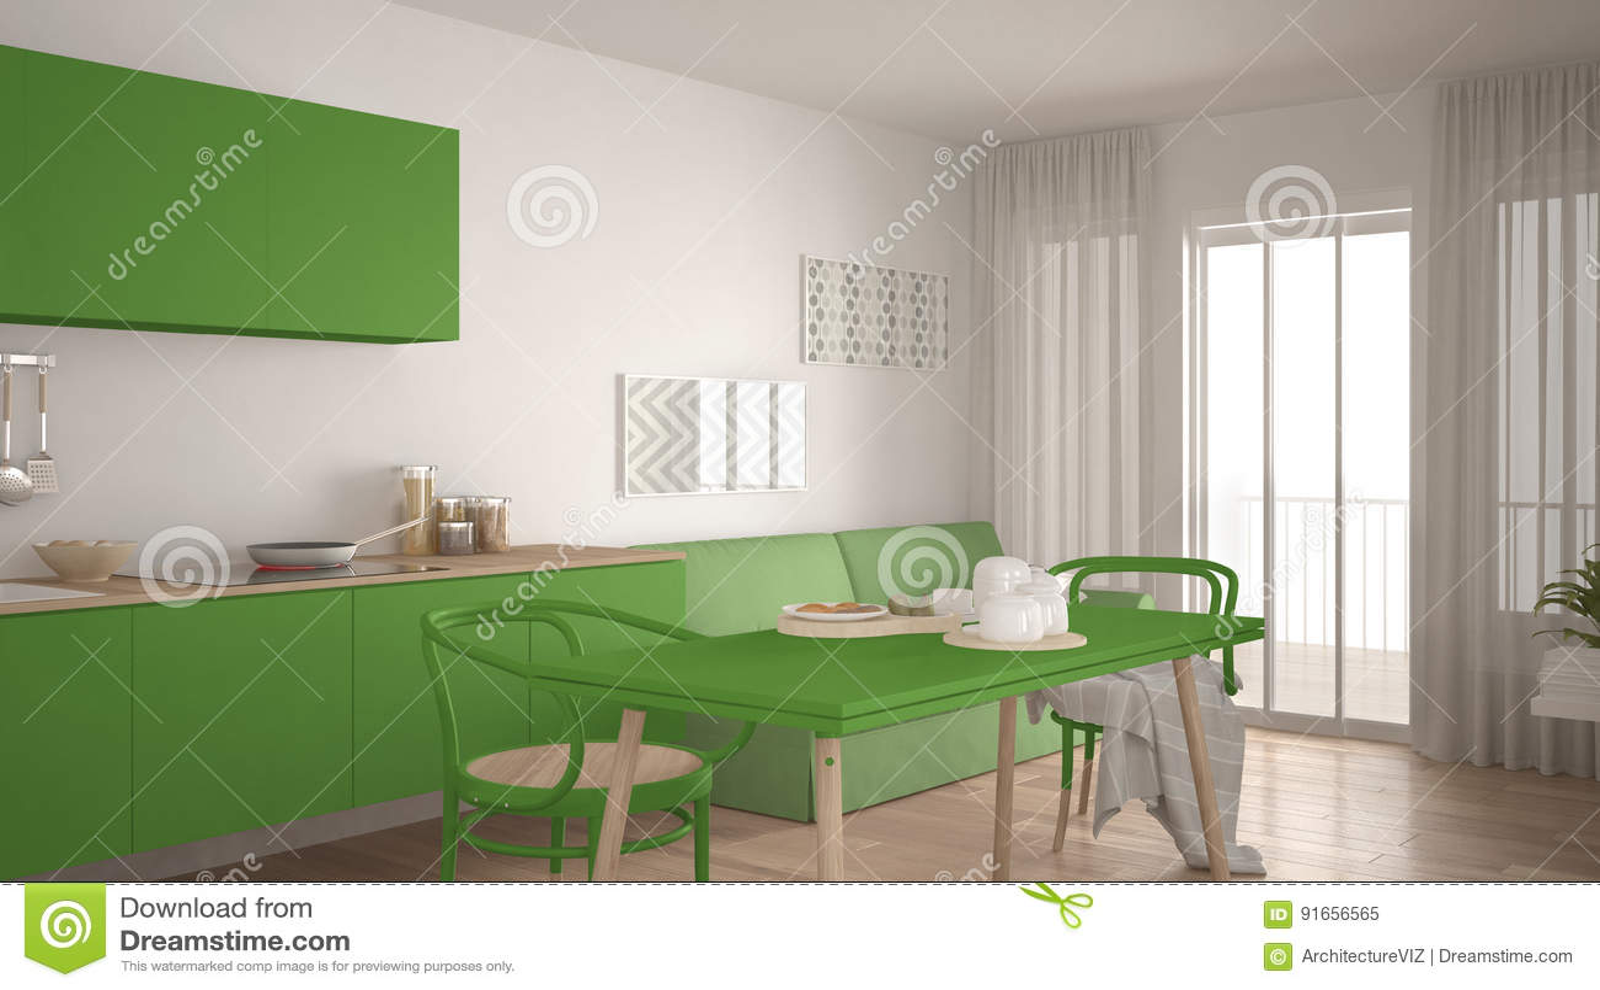 Cuisine Scandinave Avec Le Sofa Et La Table Plancher De Parquet En